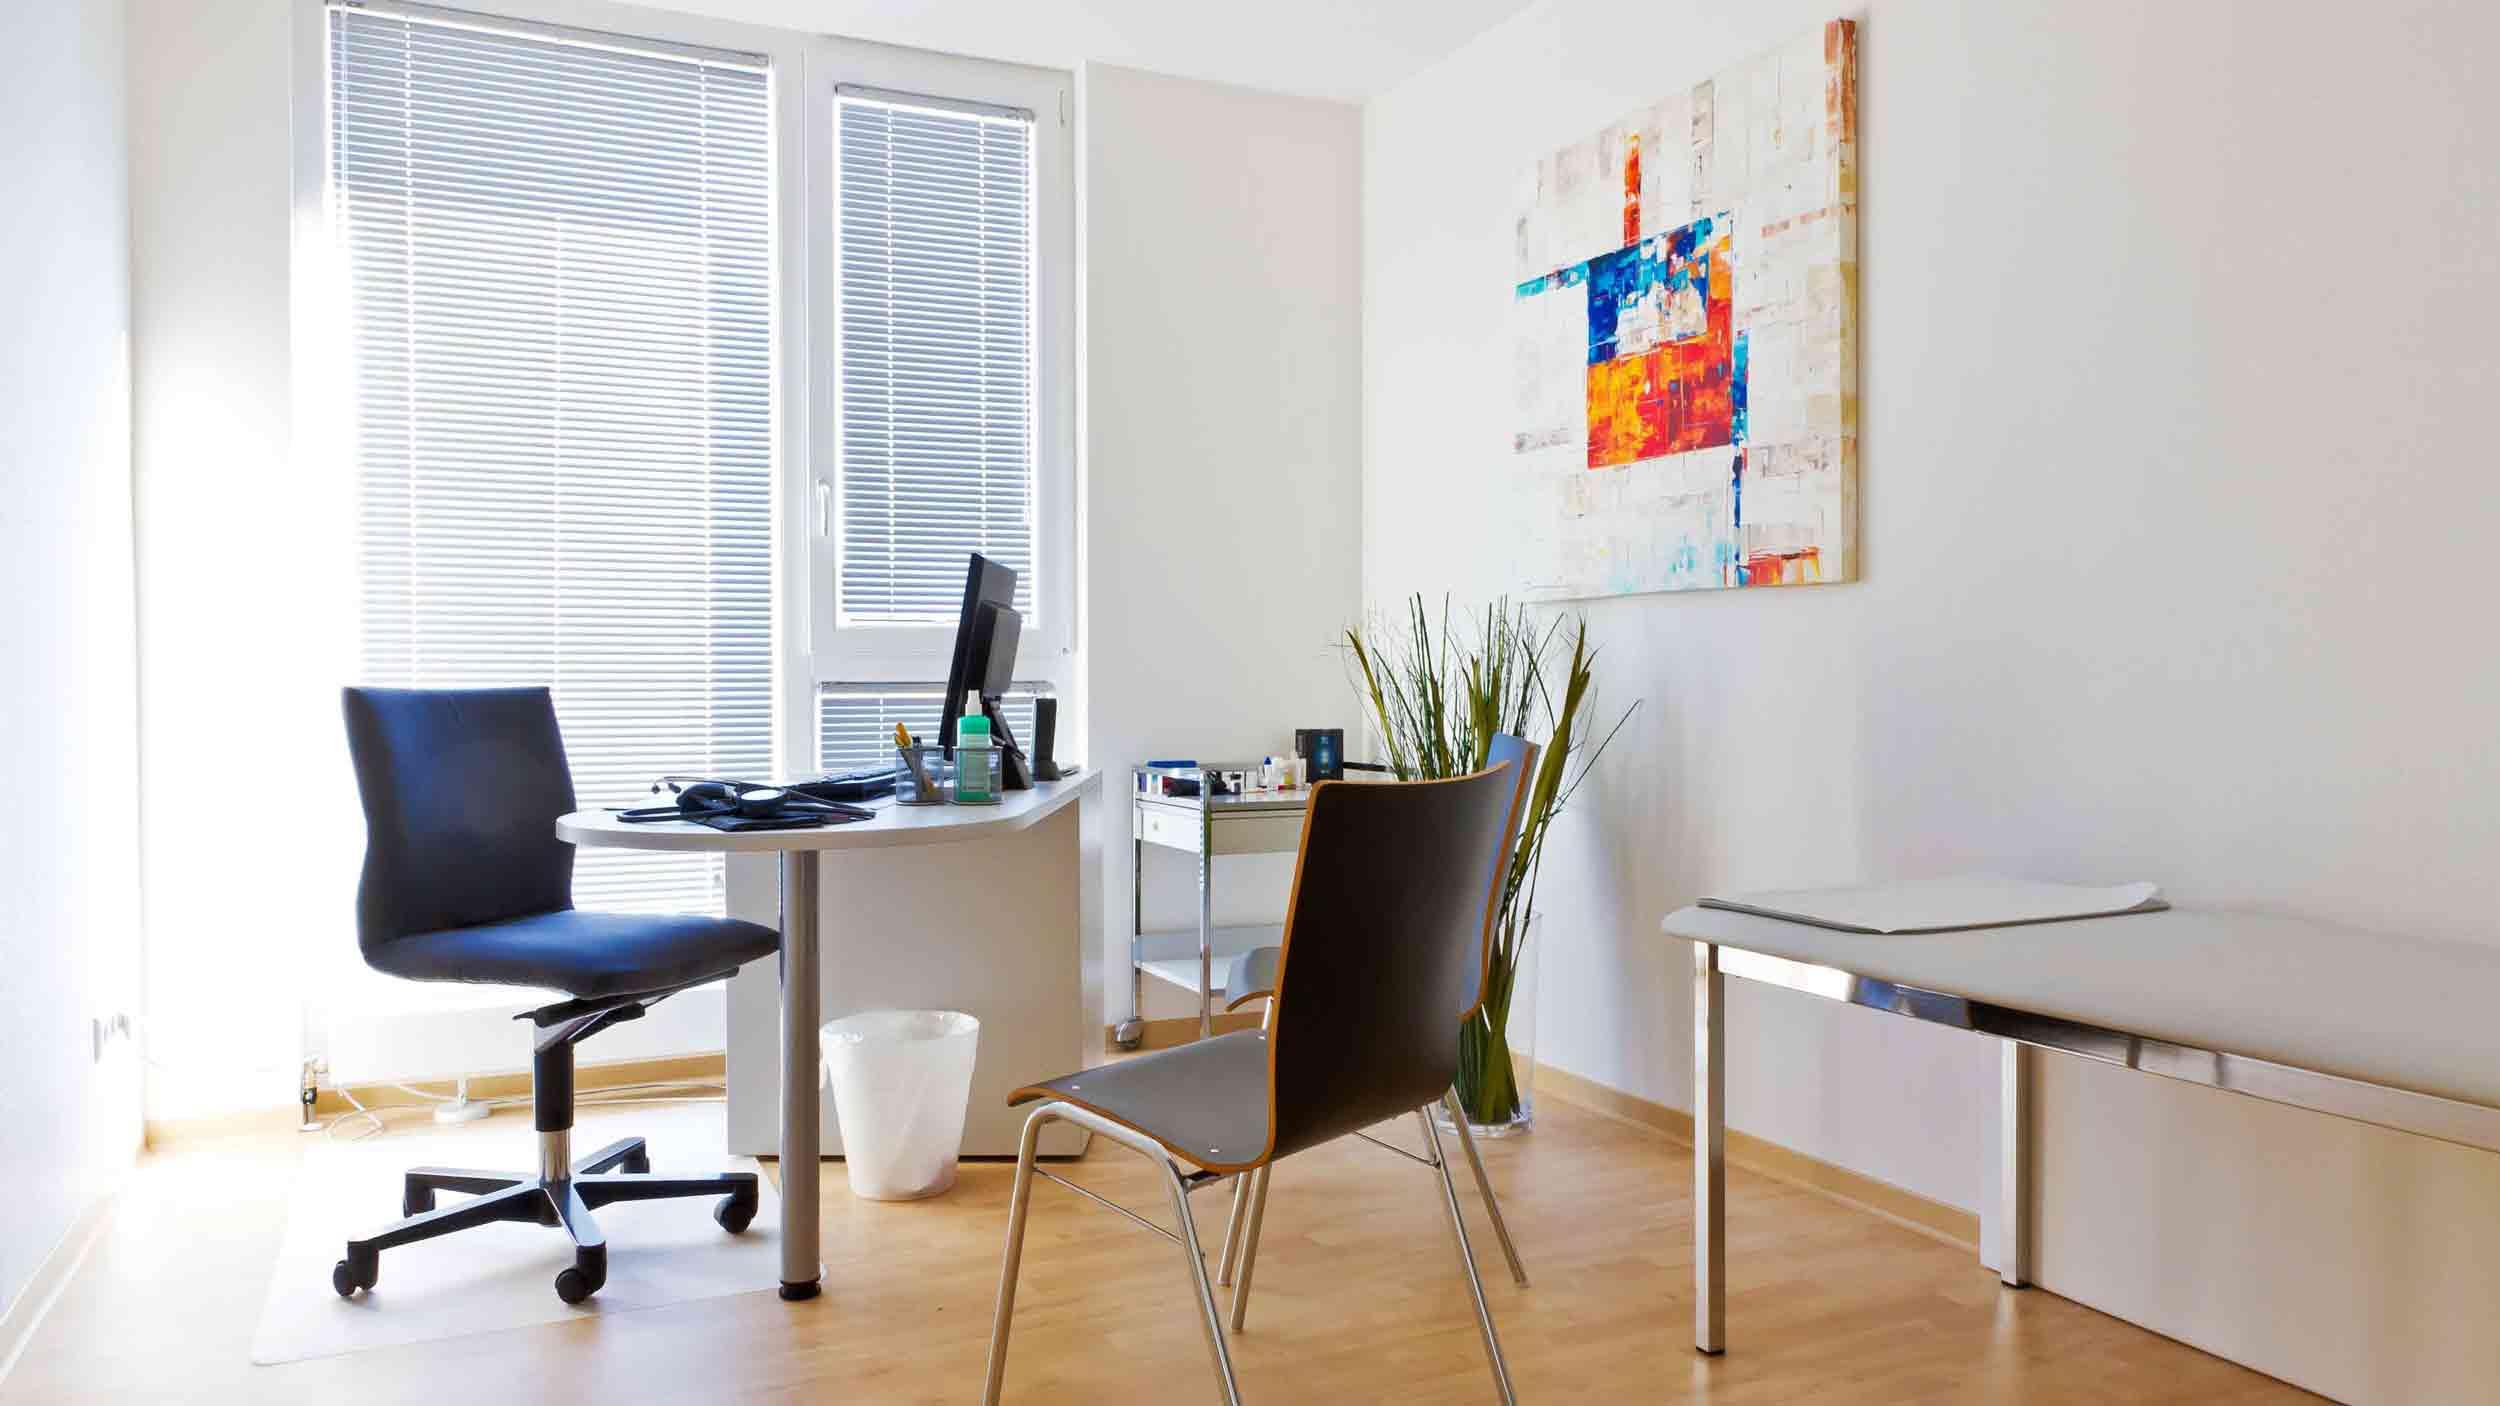 Schreibtisch mit Stühlen in Zimmer Hausarzt München